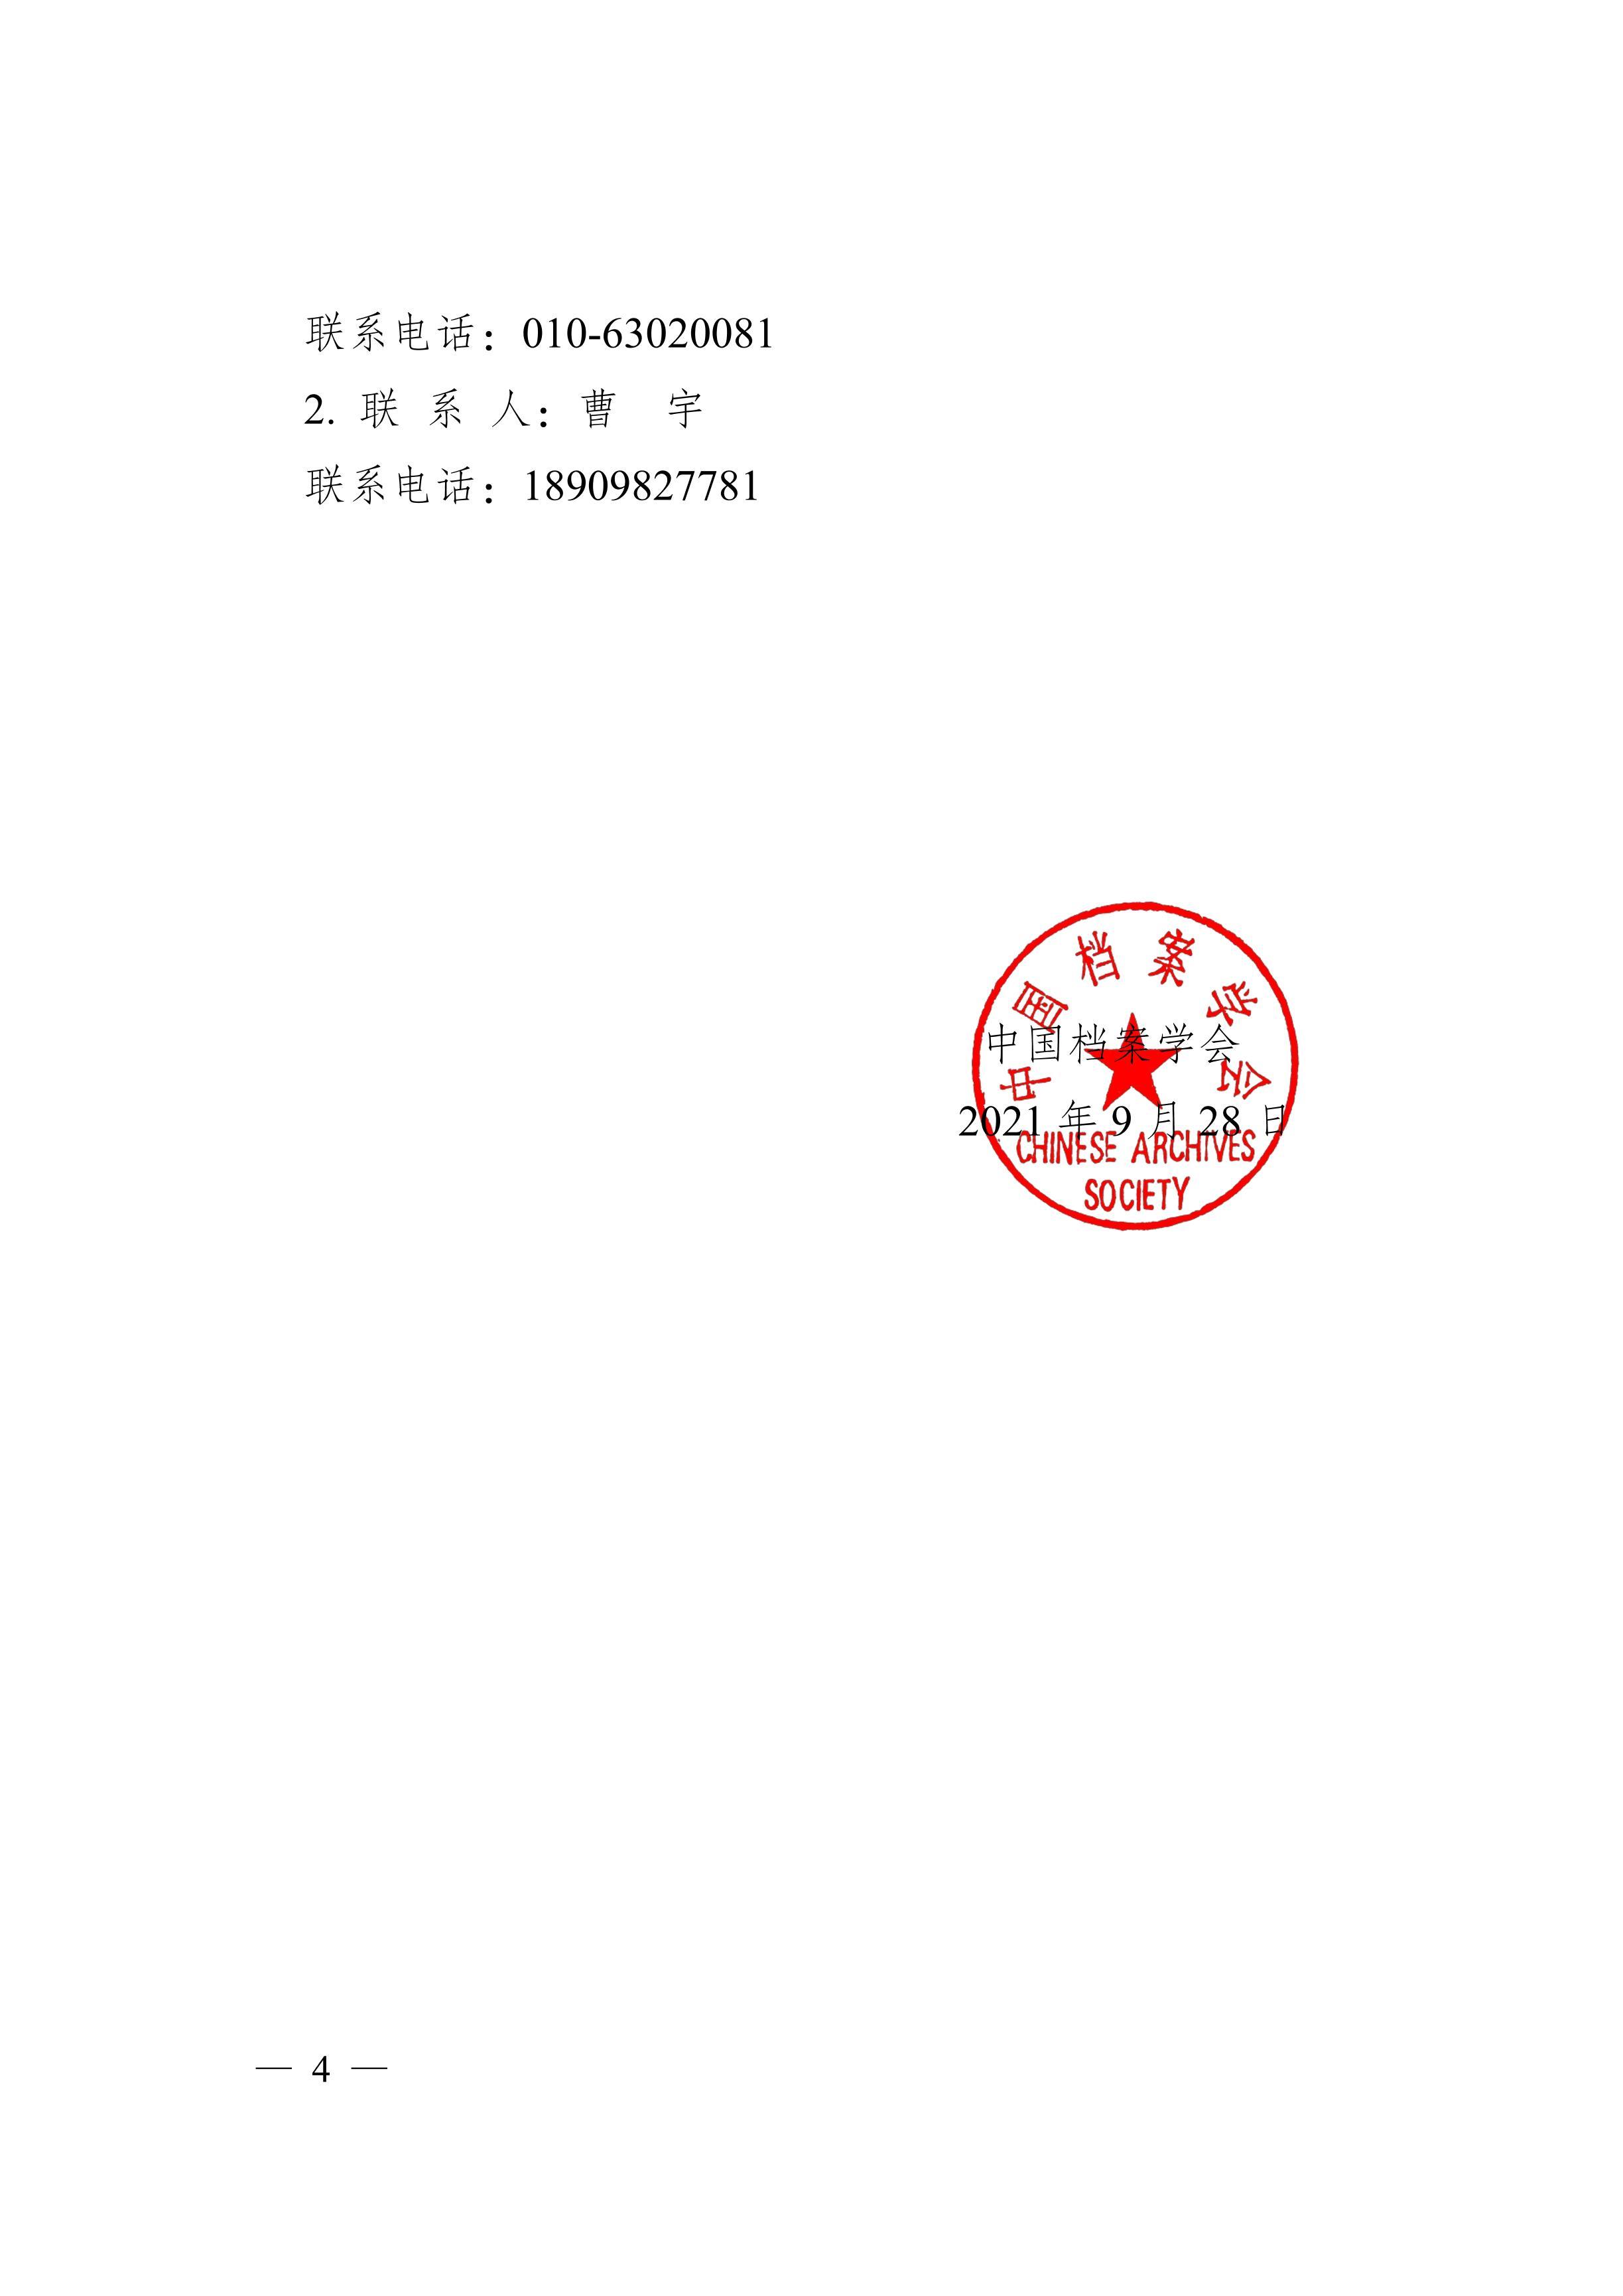 关于召开2021年档案学基础理论学术委员会学术年会暨辽宁大学档案学专业创办40周年纪念会议的通知-3